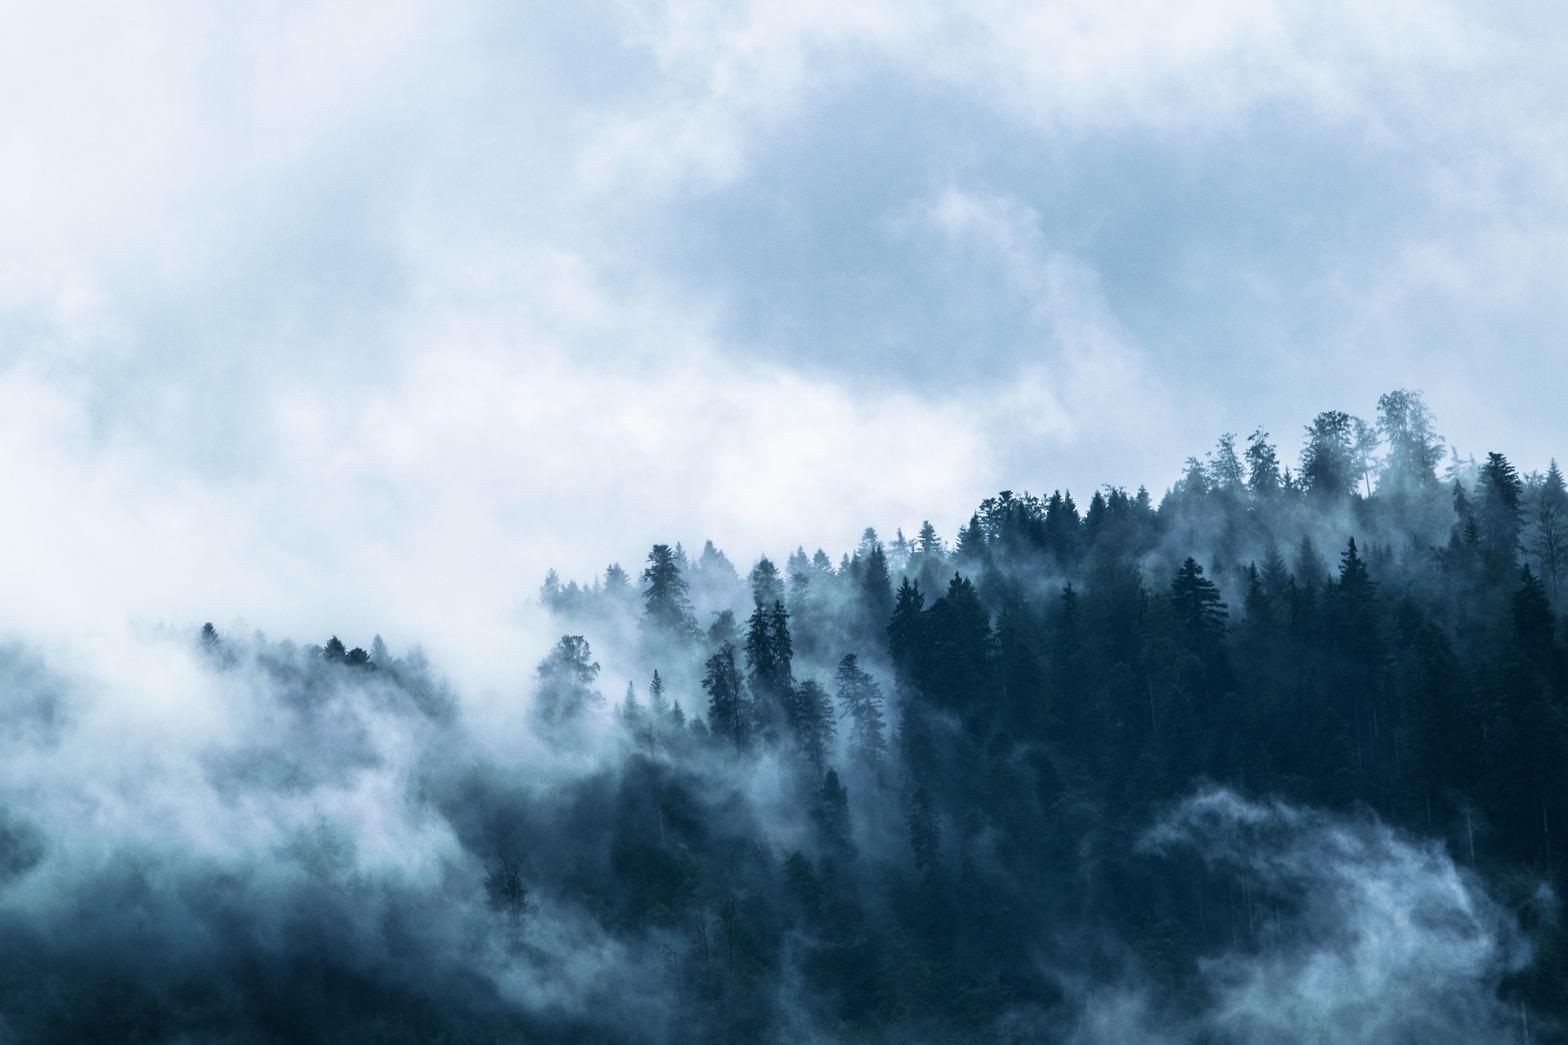 foresta-foreste-deforestazione-abbattimento-alberi-incendi-pericolo-crisi